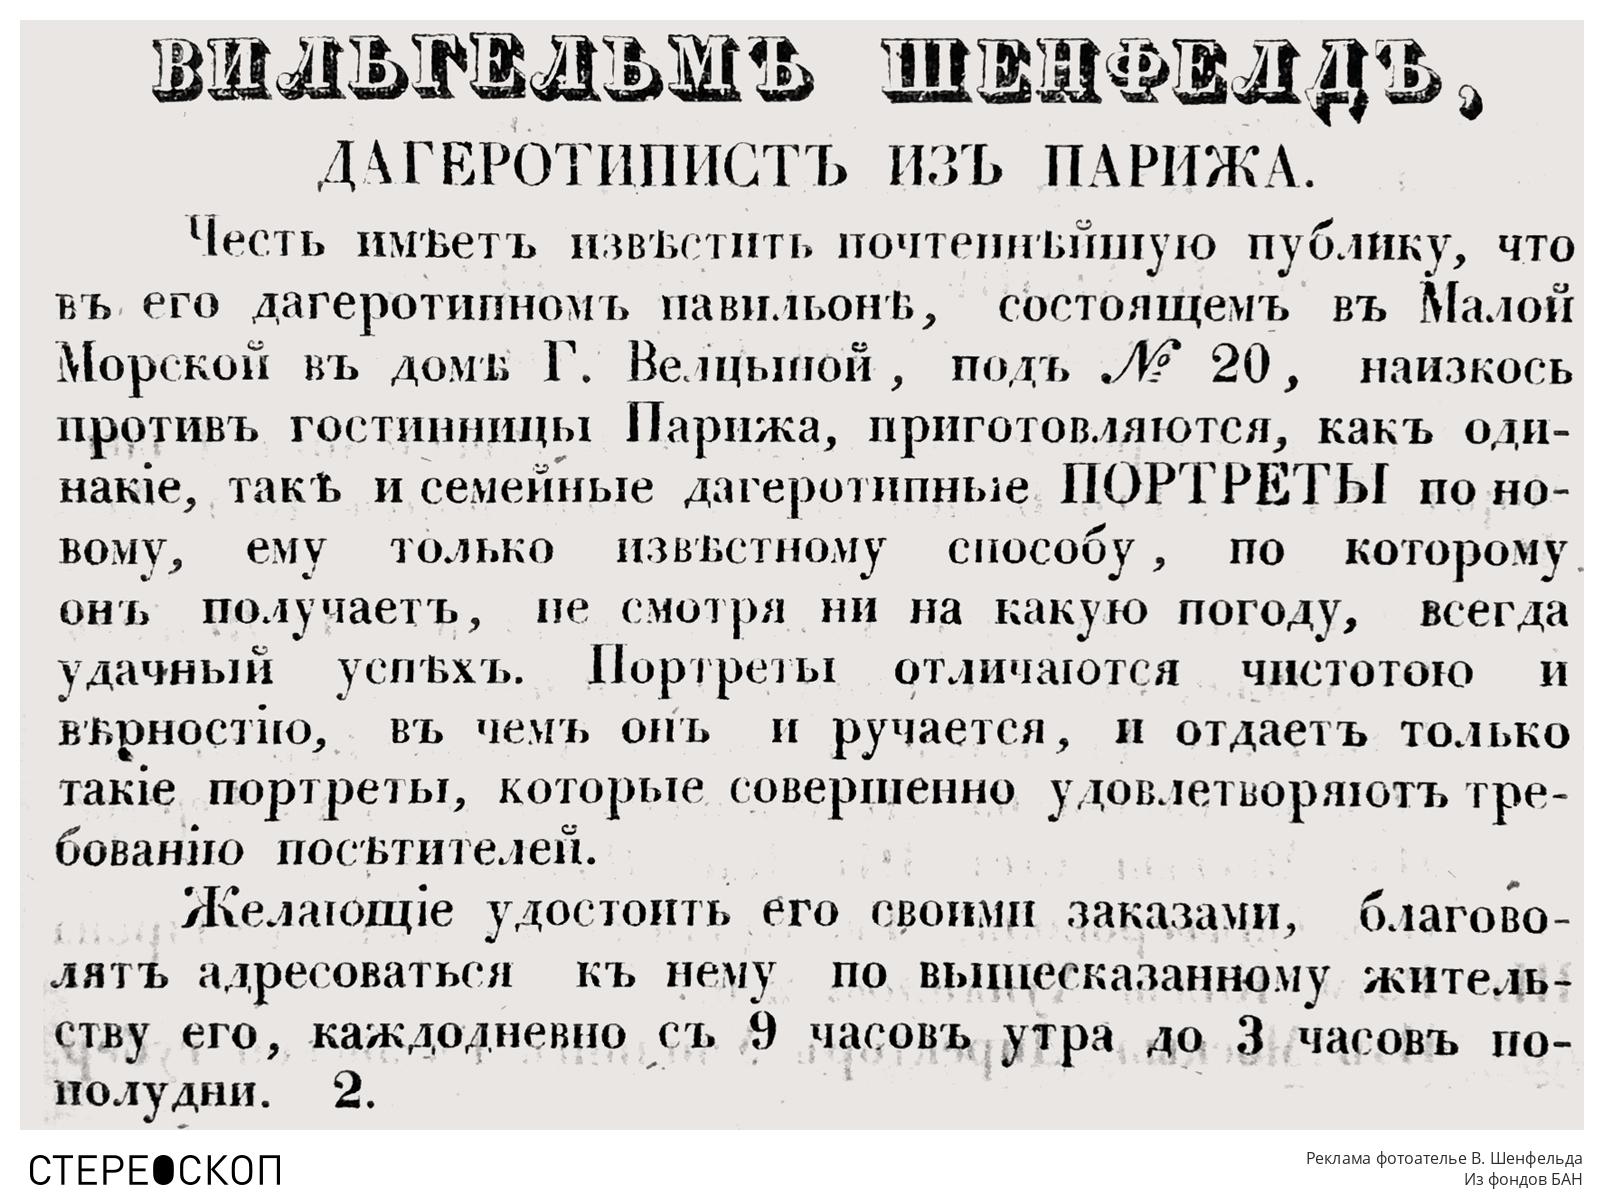 Реклама фотоателье В. Шенфельда